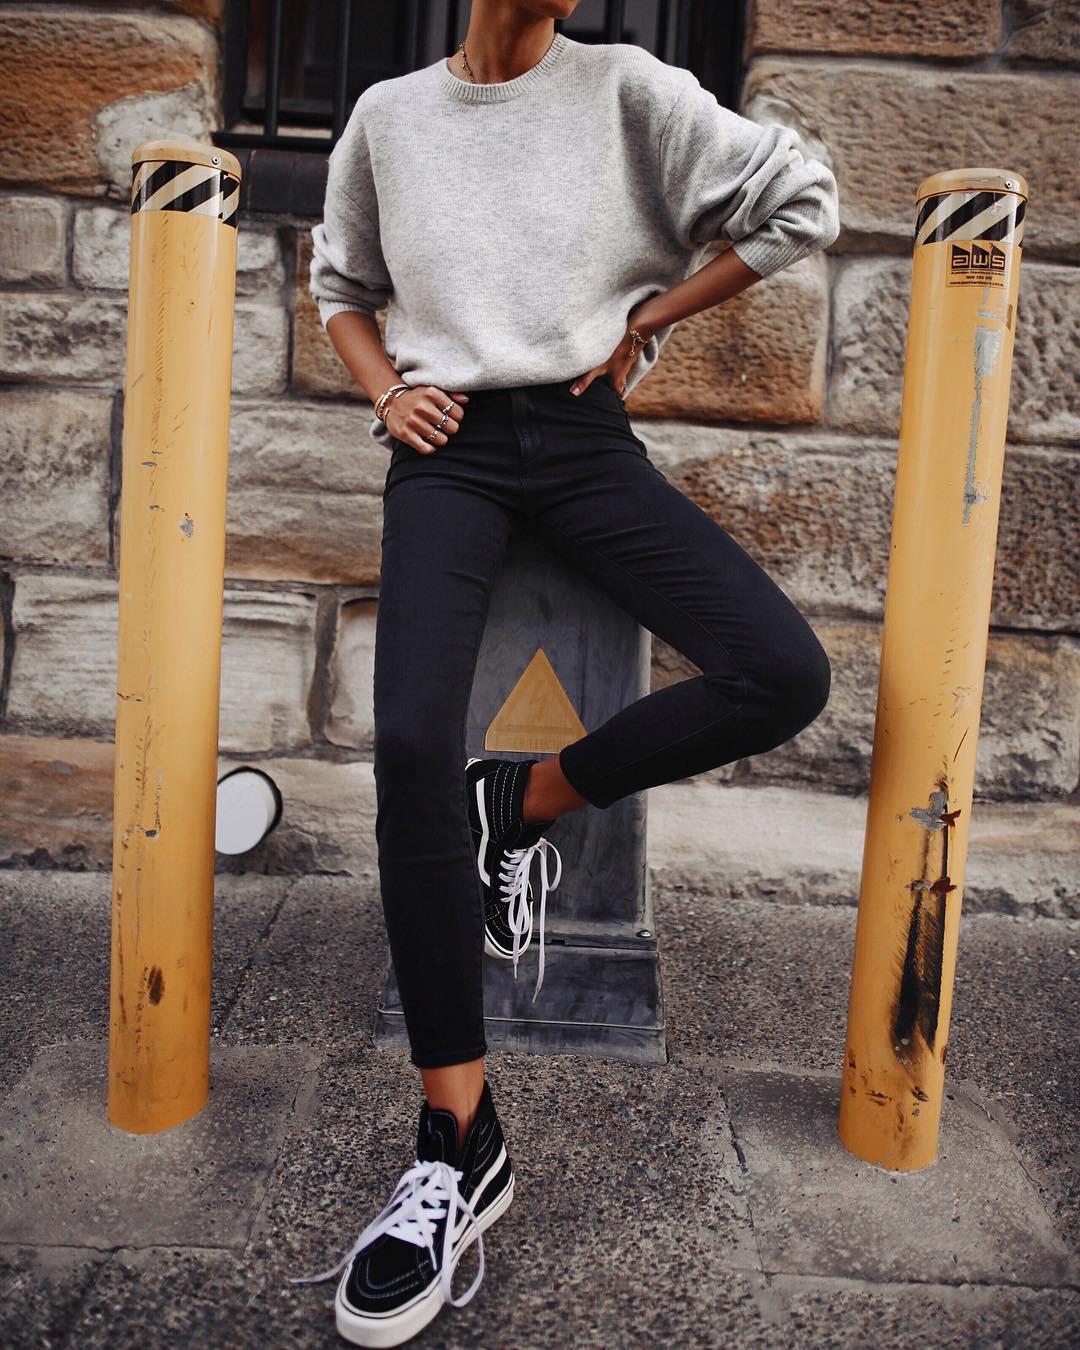 джинсы с кроссовками и кедами фото 13